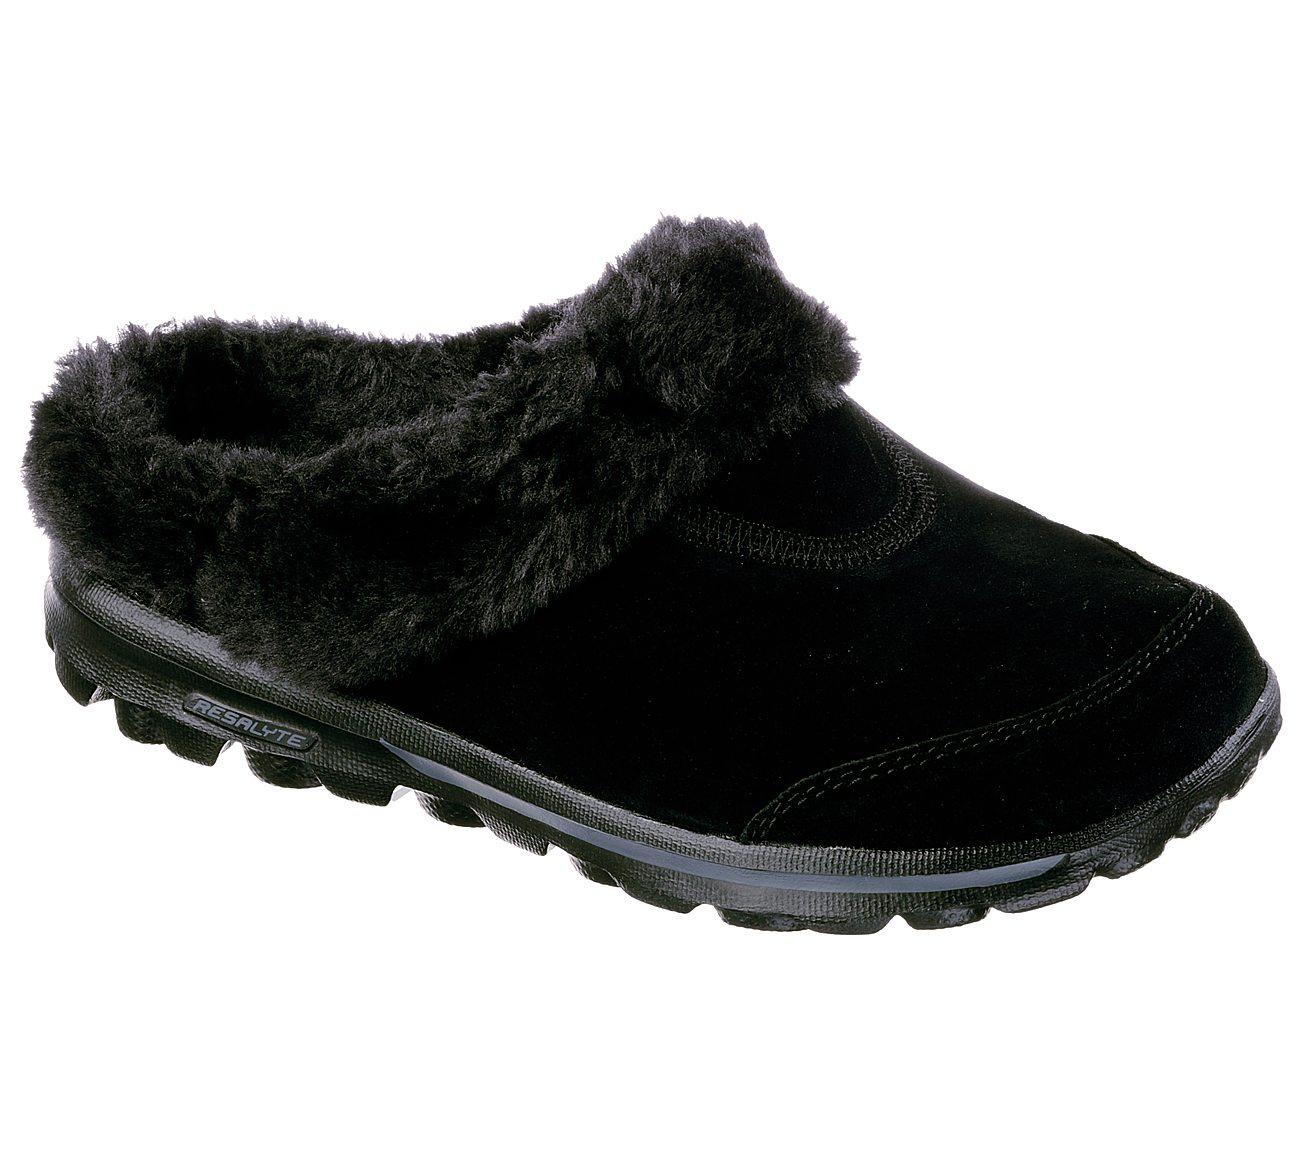 skechers go walk trainers